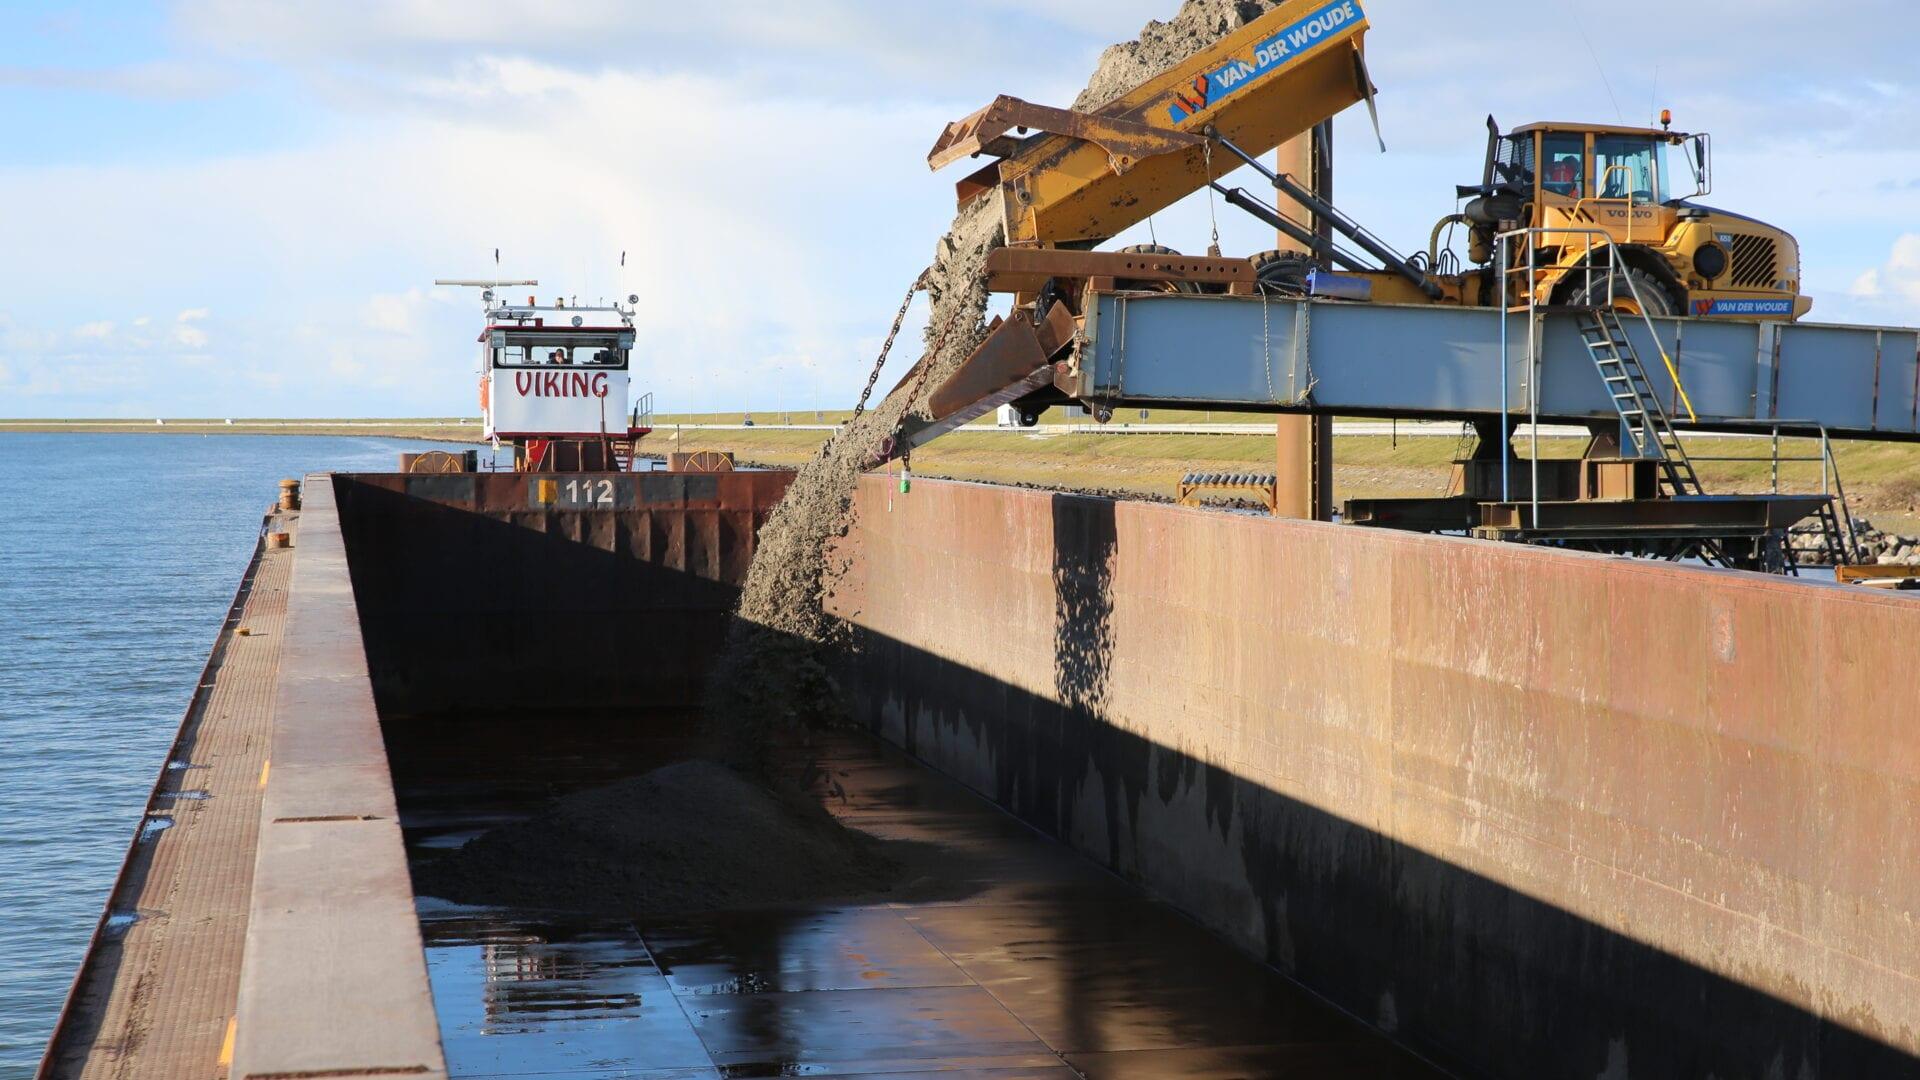 zand dat wordt afgegraven wordt weer gebruikt voor versterking van de Afsluitdijk